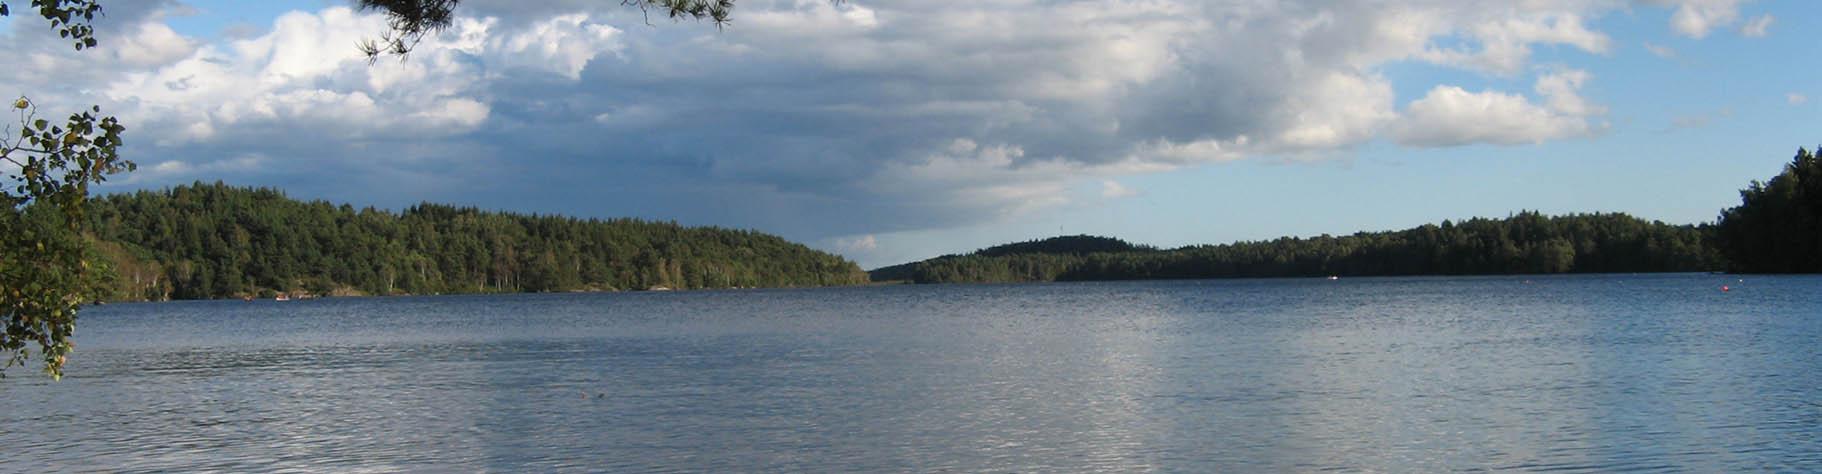 Delsjö Panorama